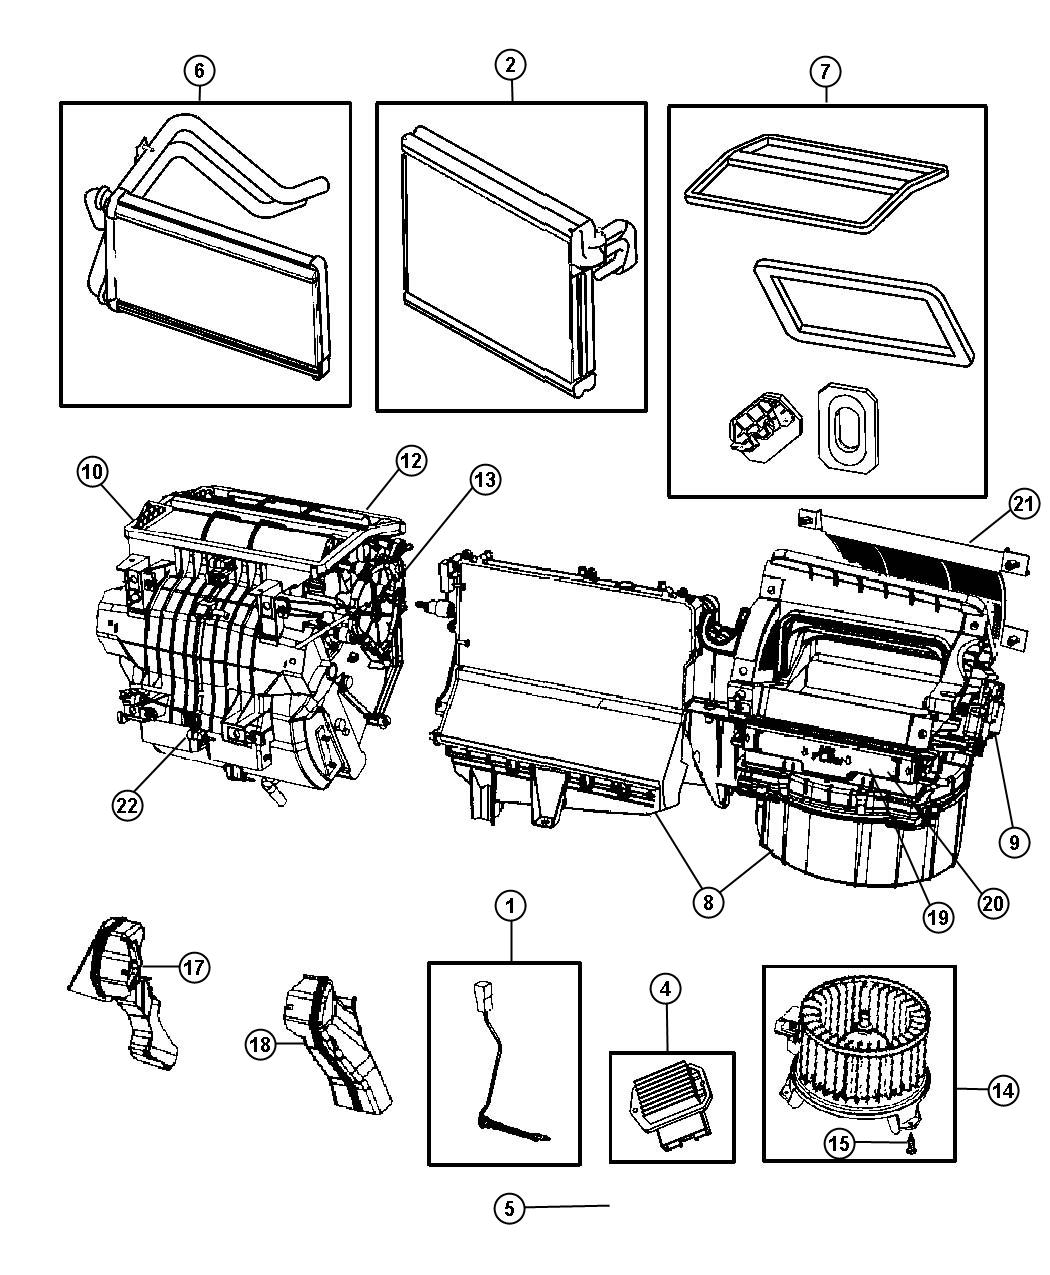 Dodge Caliber Evaporator Air Conditioning Instrument